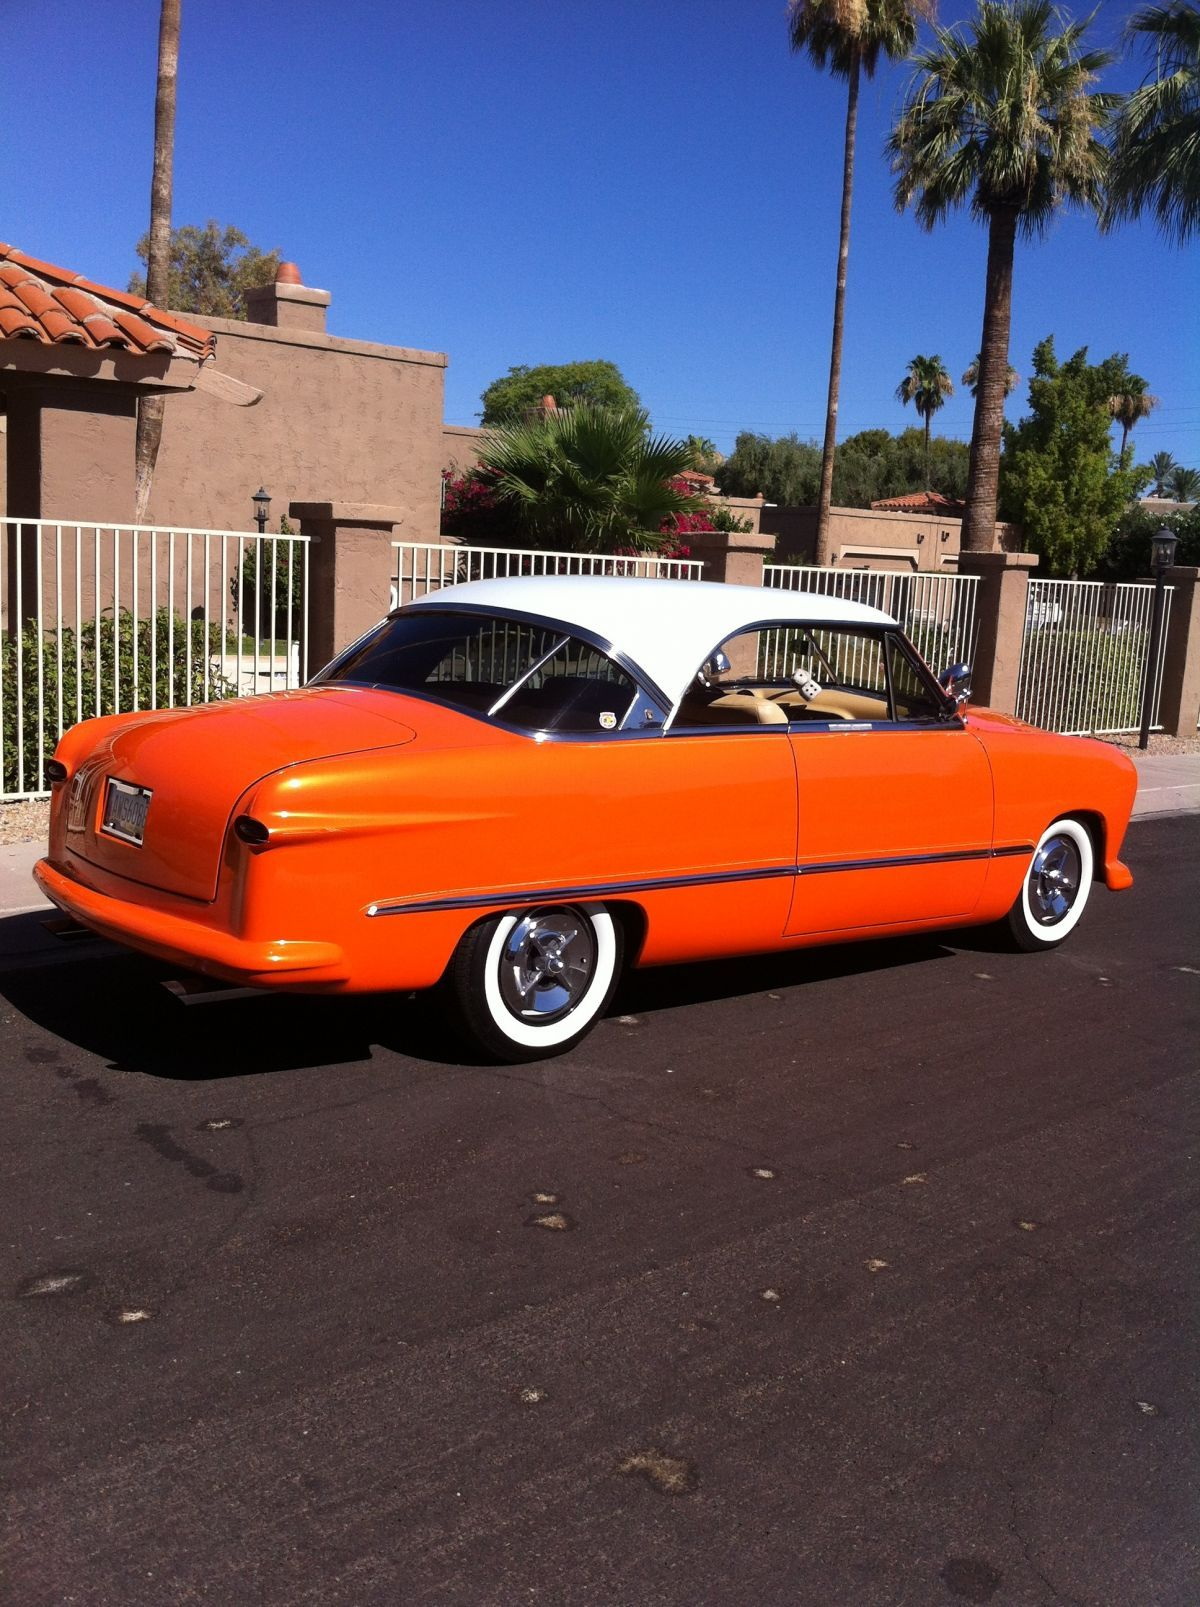 For Sale: 1951 Ford Victoria | HotrodHotline.com | Hot Rod Hotline ...